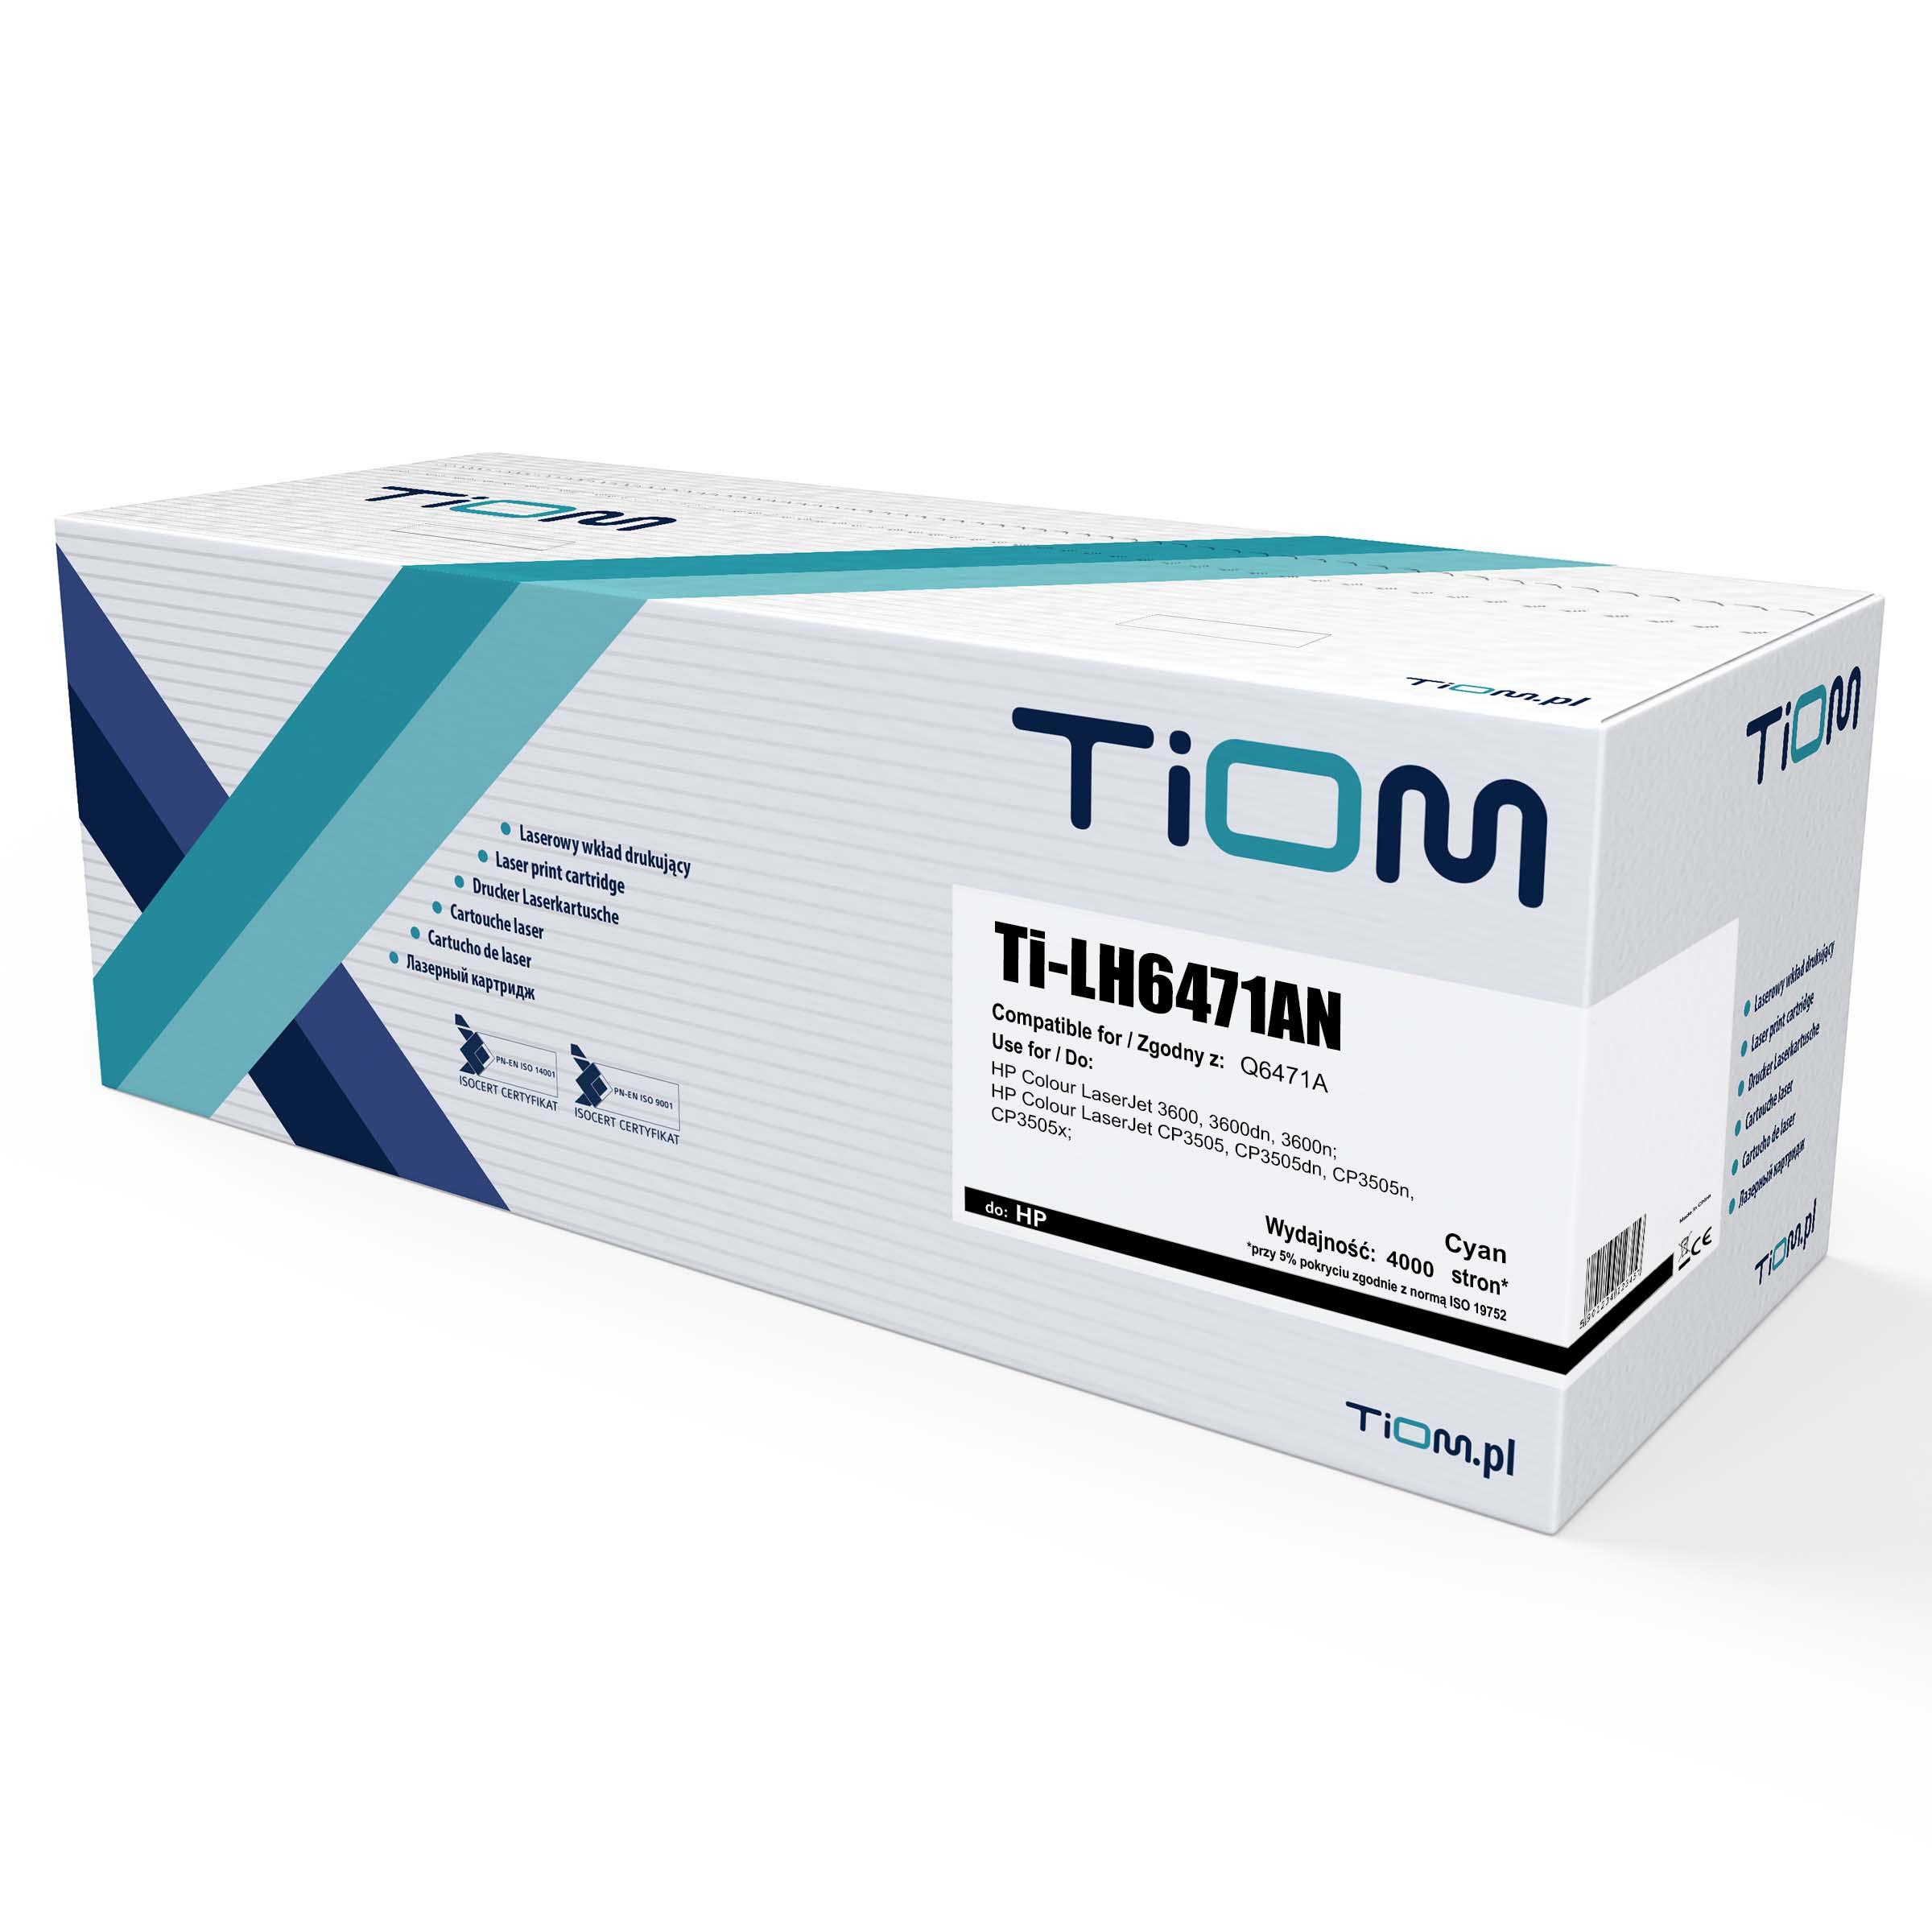 Ti-LH6471AN Toner Tiom do HP 502CN | Q6471A | 4000 str. | cyan